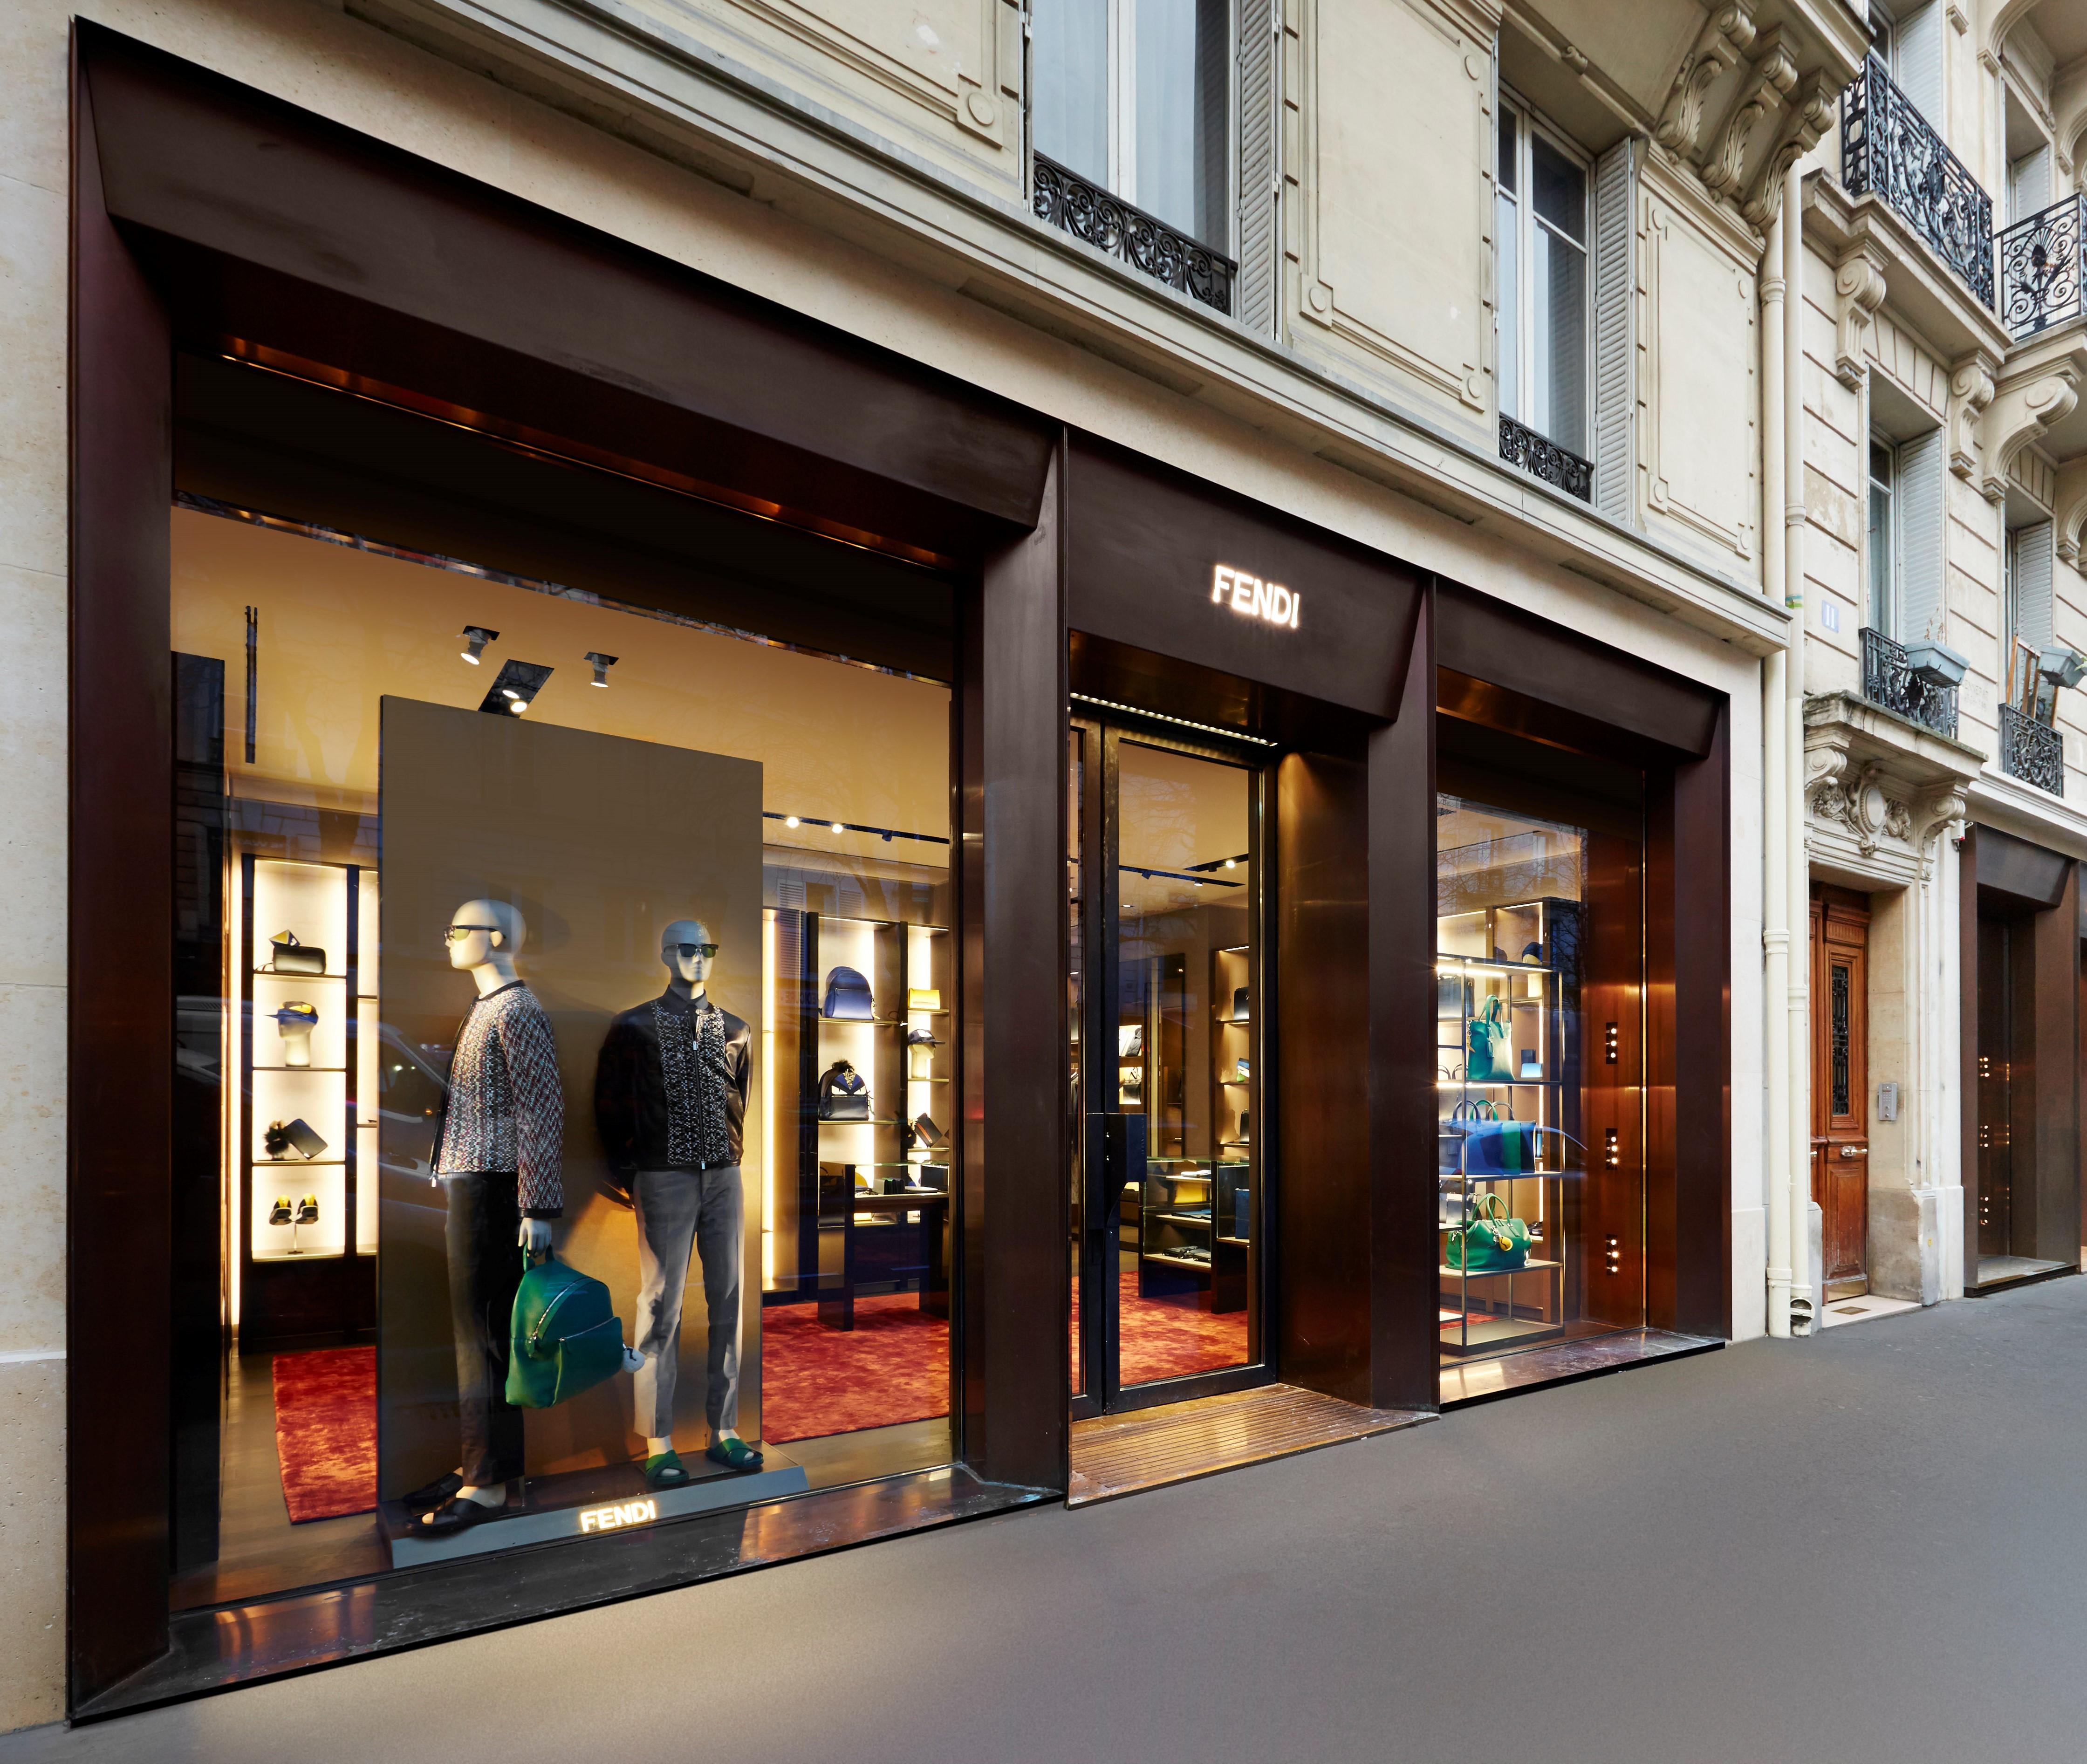 online retailer 23a8d 51d87 Fendi Shop Online Paris | Mount Mercy University